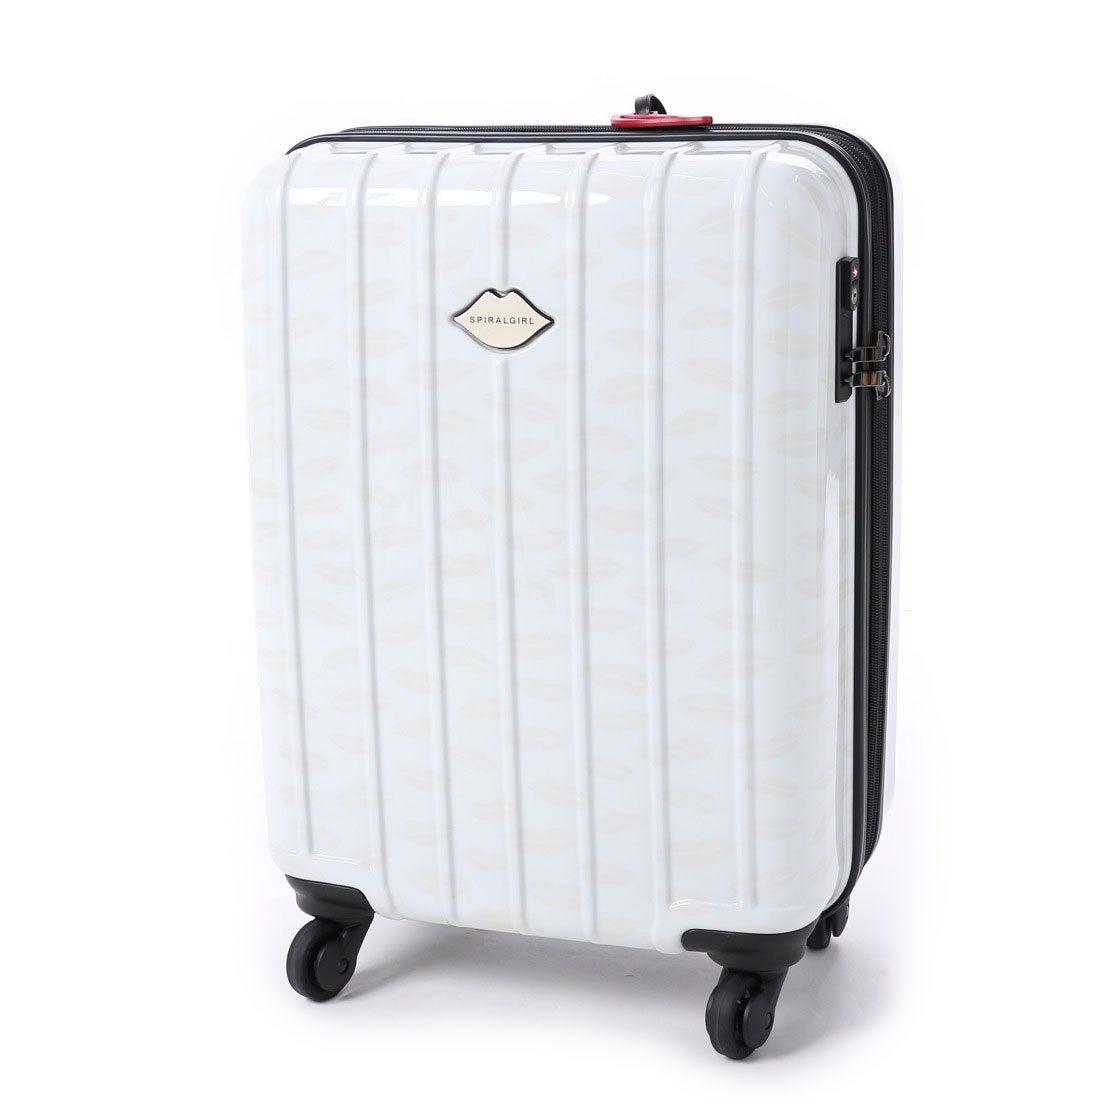 d77b3ac75560 スパイラルガール SPIRAL GIRL スーツケース 36L拡張機能付トラベルハードキャリー (アイボリー) -レディースファッション通販  ロコンドガールズコレクション ...